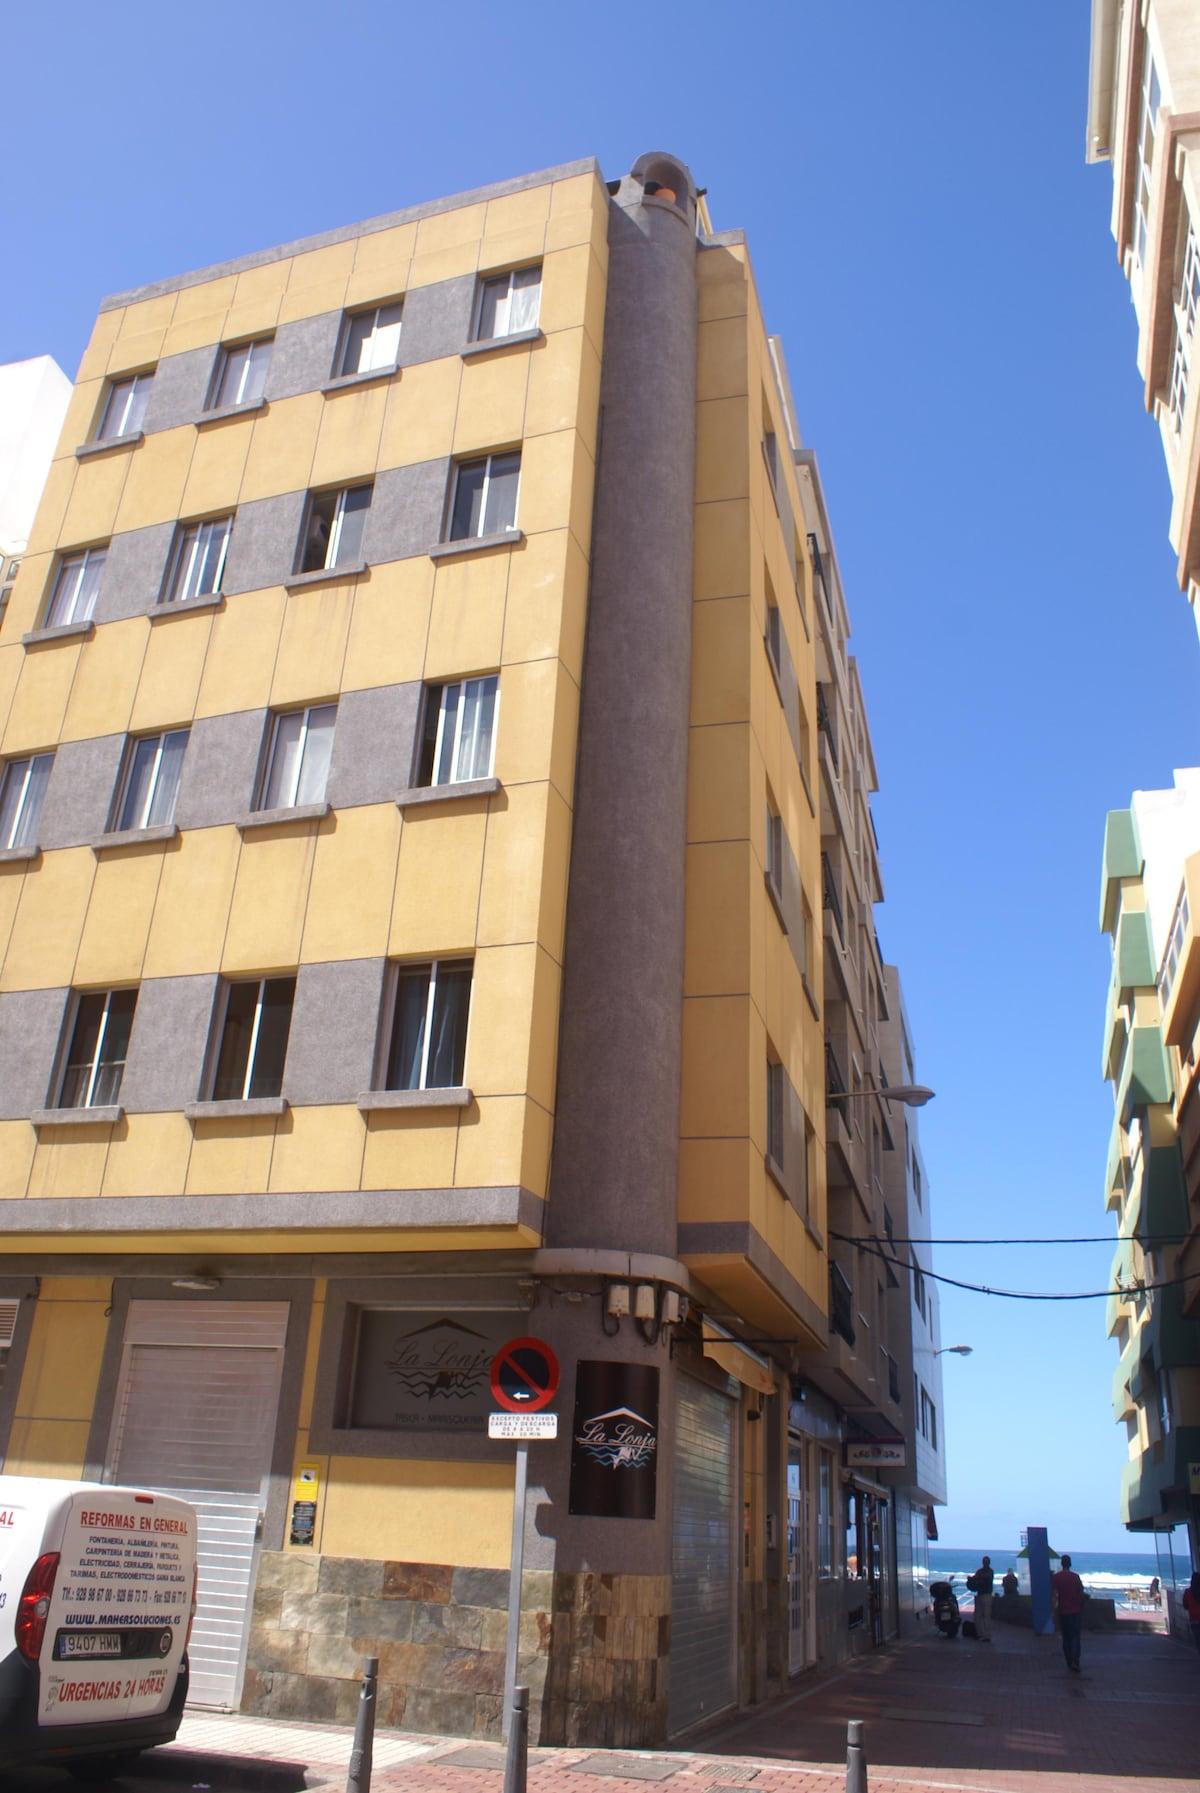 Mario from Las Palmas de Gran Canaria